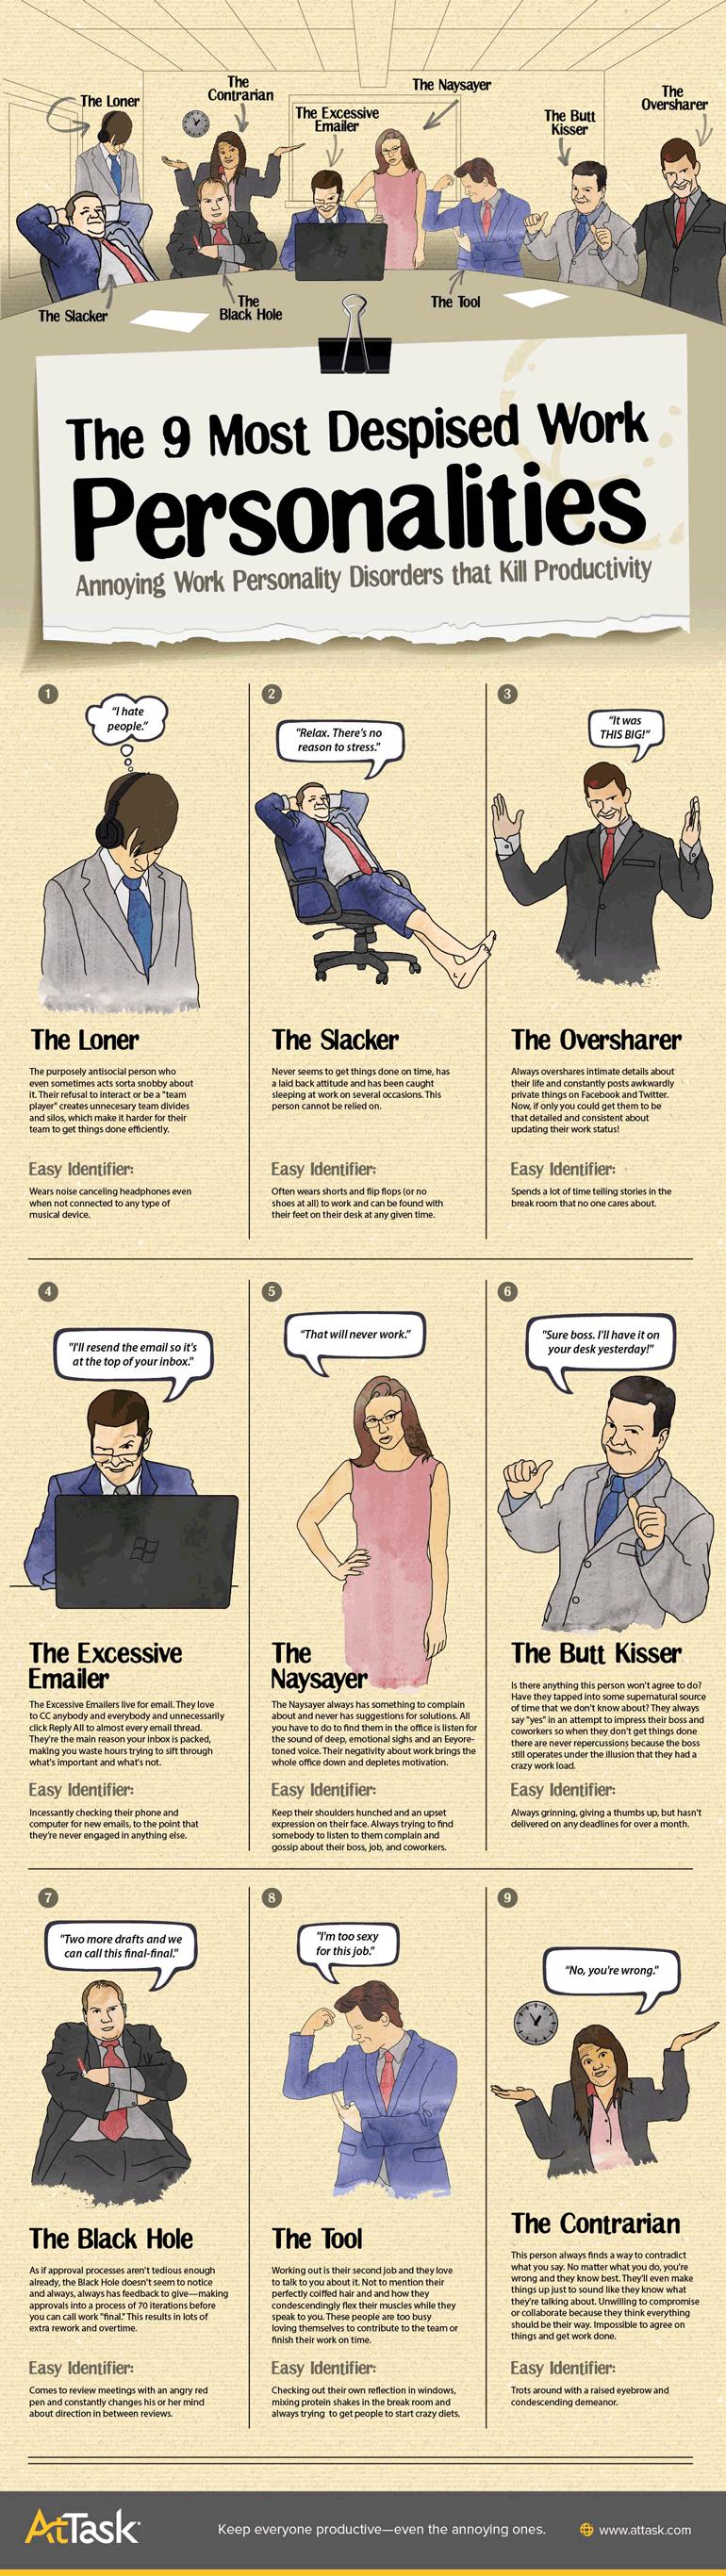 Las 9 personalidades con las que nadie desea trabajar